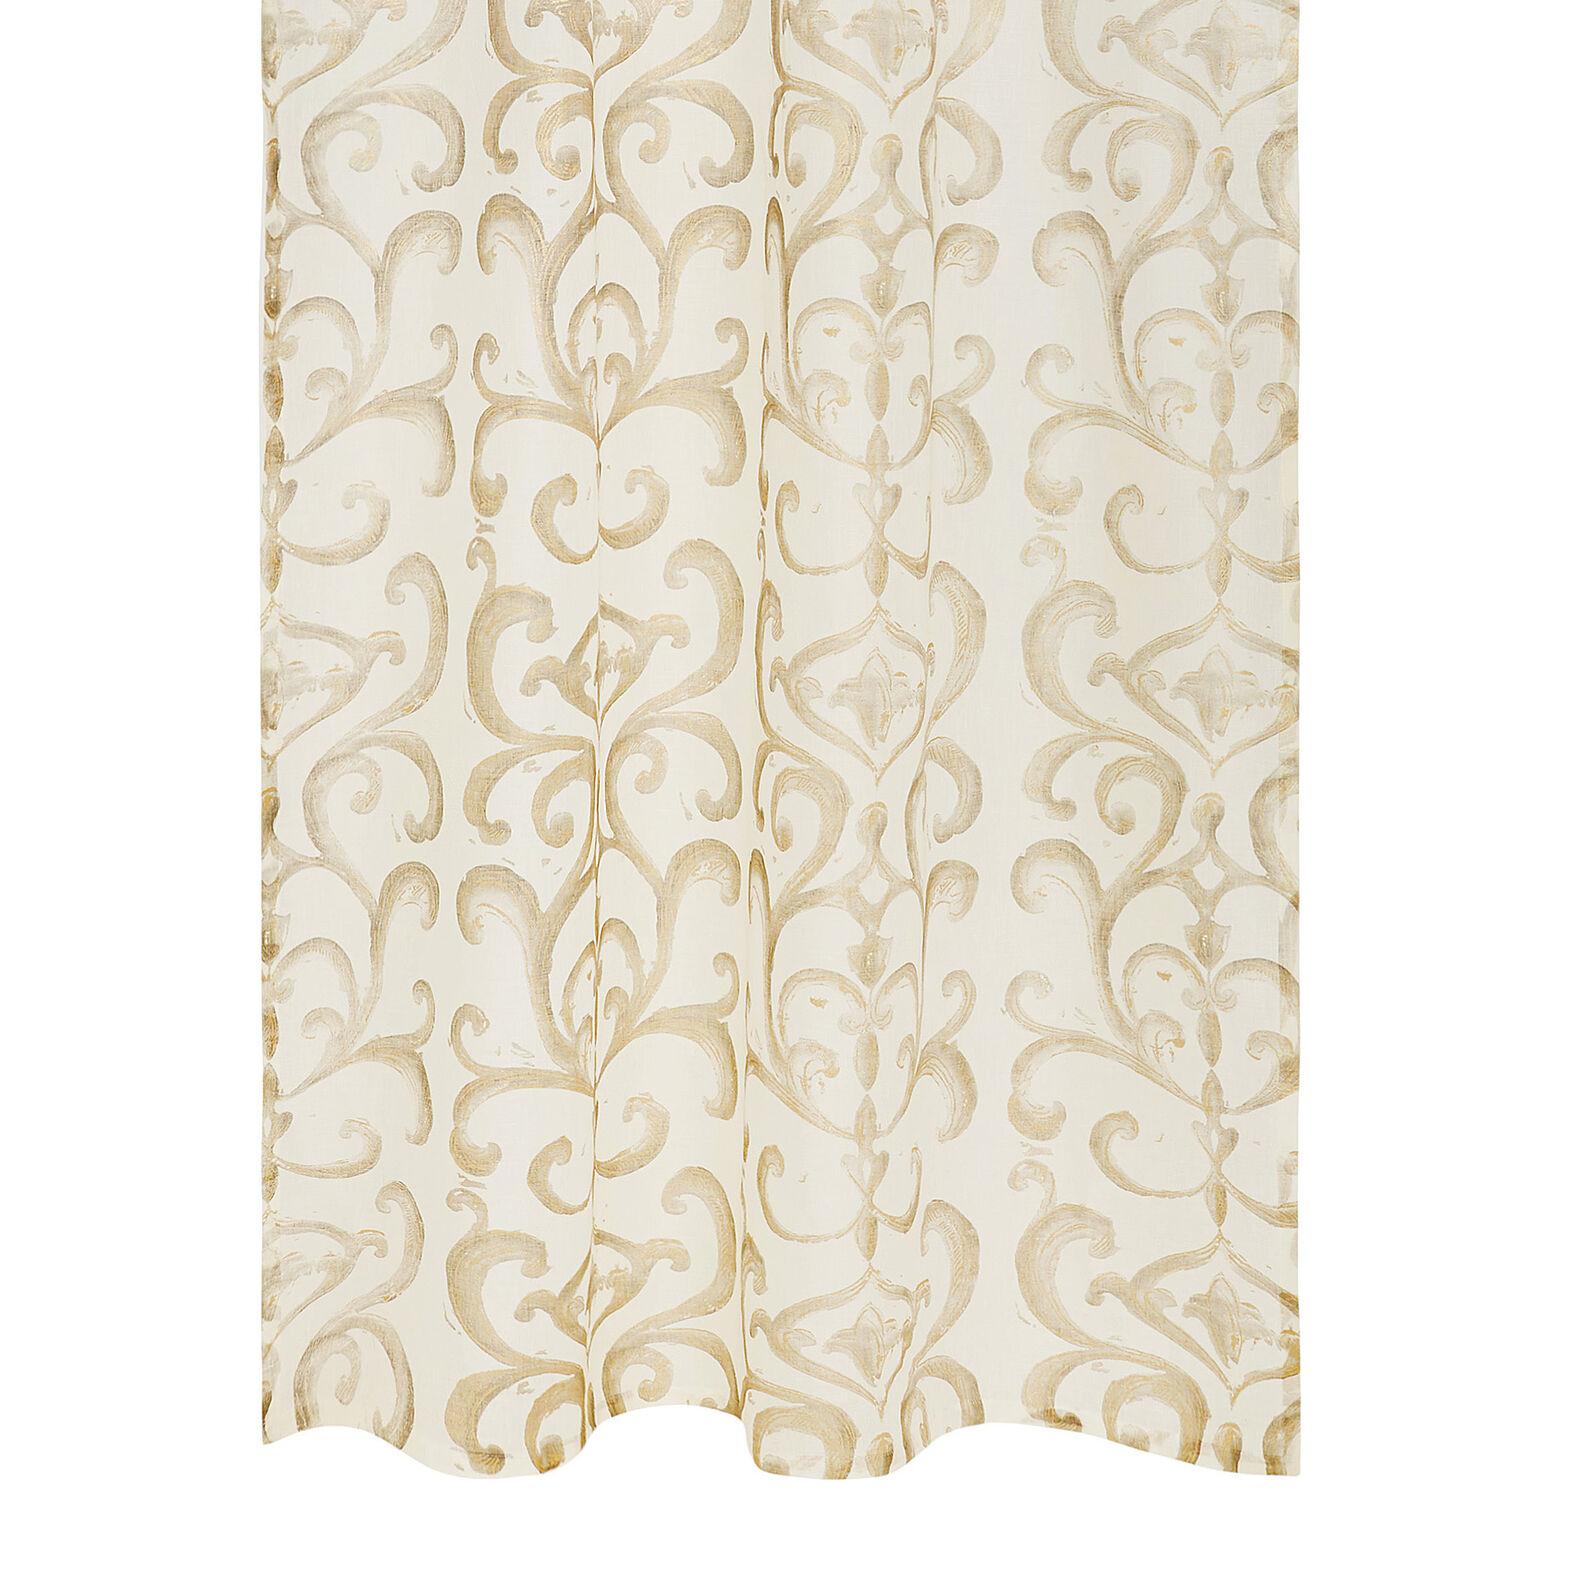 100% linen curtain with devoré print